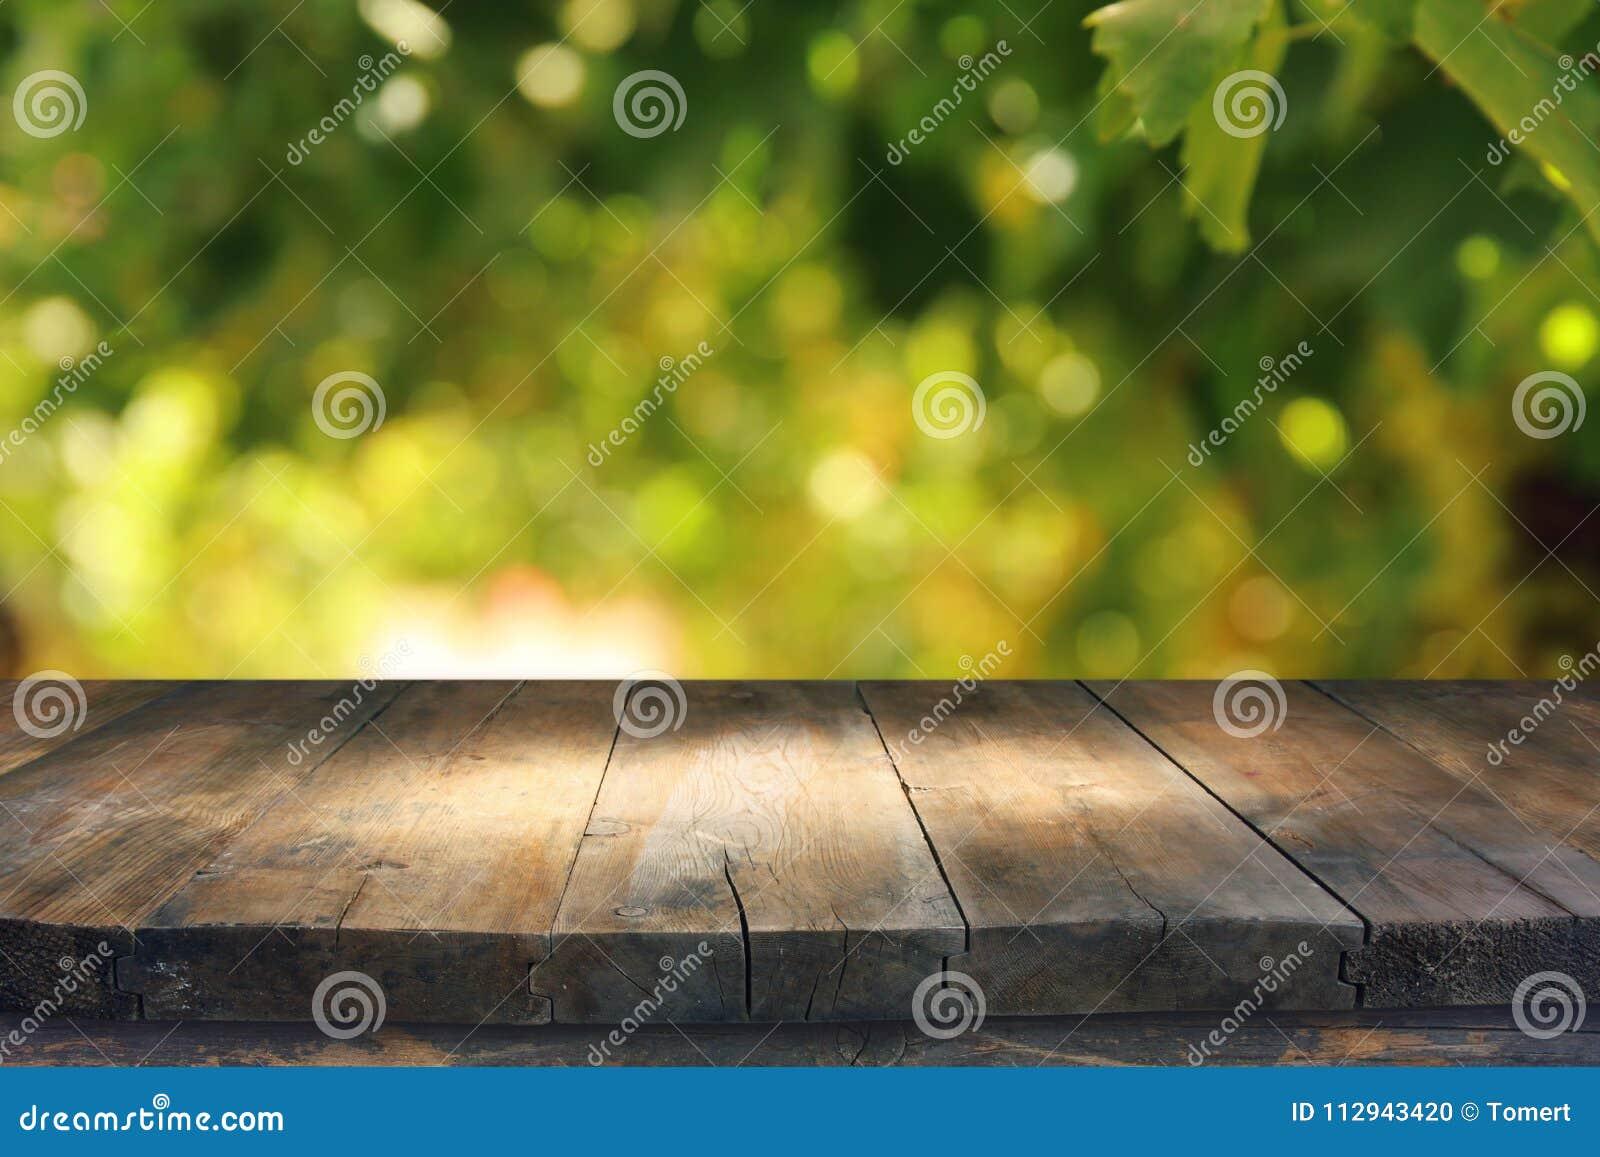 Videz la table rustique devant le fond vert de bokeh d abrégé sur ressort affichage de produit et concept de pique-nique